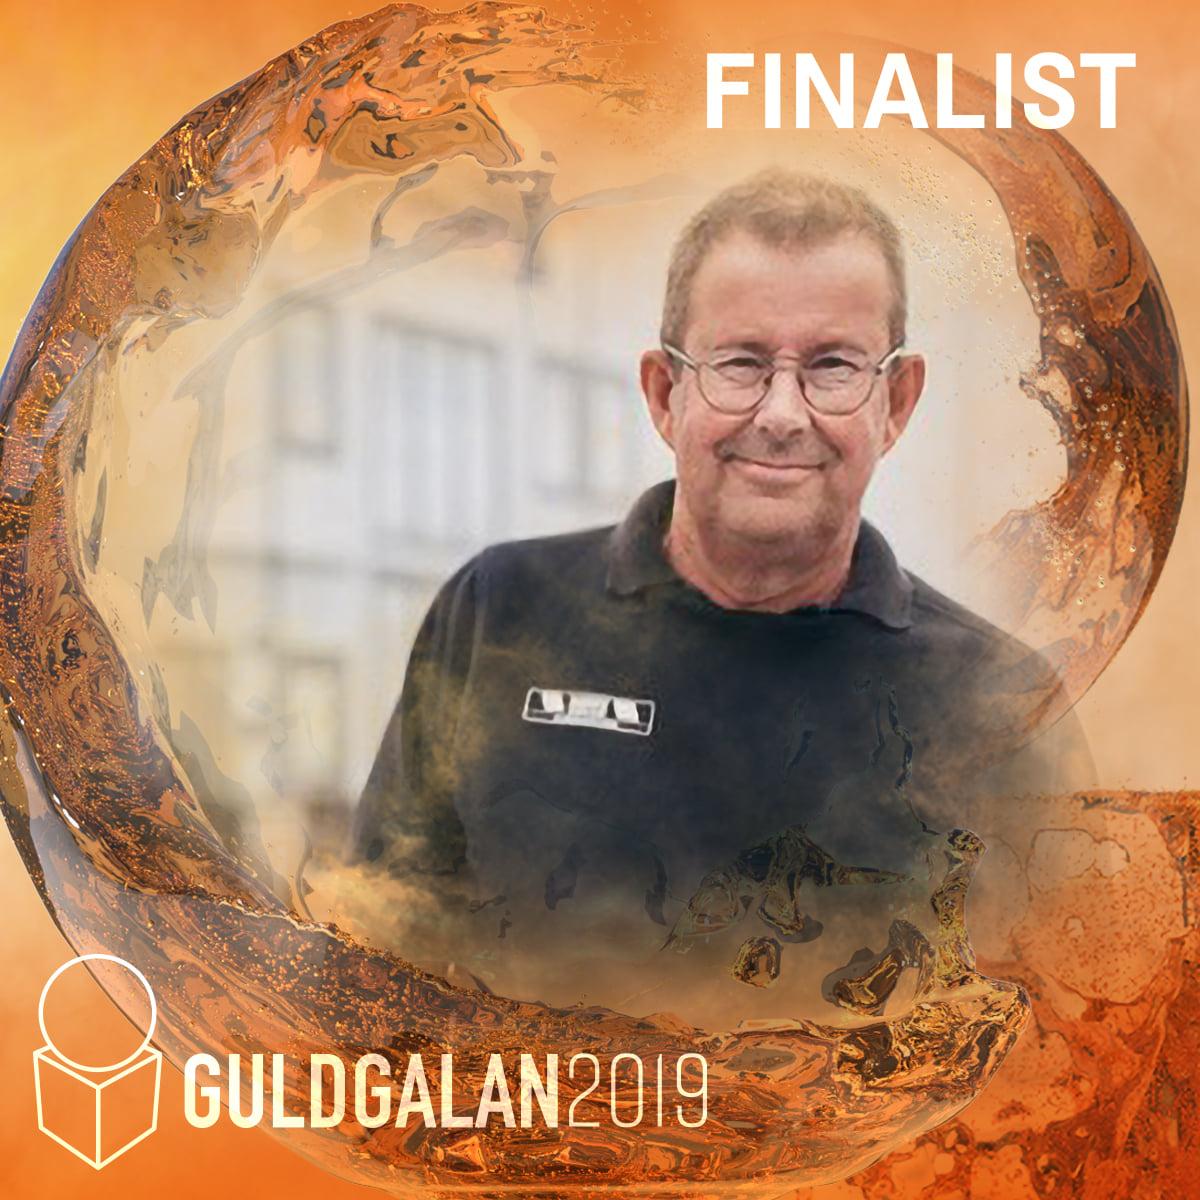 Stefans buss & bilplåt har i dagarna nominerats till 'Årets Tillväxt Investerare' vid Guldgalan 2019. Ett pris som tillfaller företag som gjort en framsynt och modig investering i sitt företags framtida tillväxt.